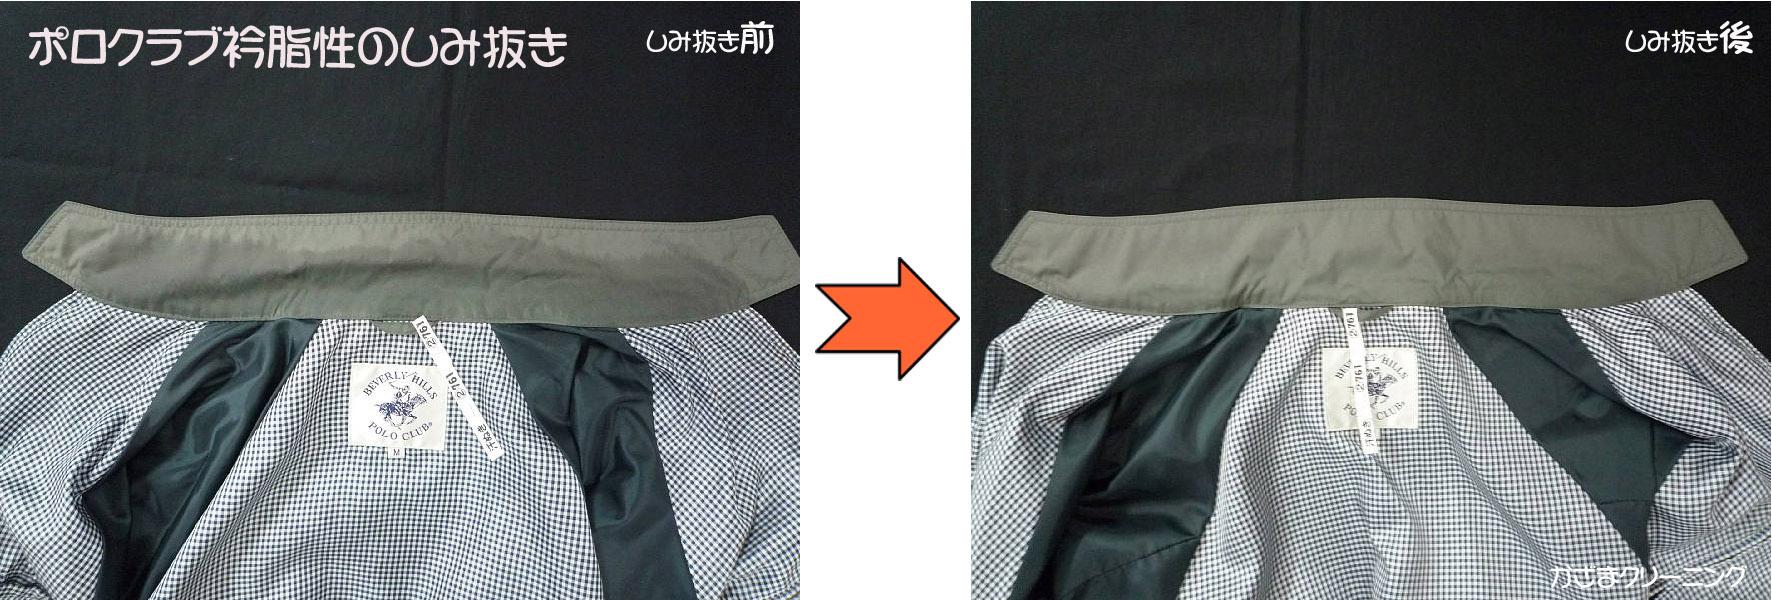 ポロクラブジャンバー衿脂性のしみ抜き